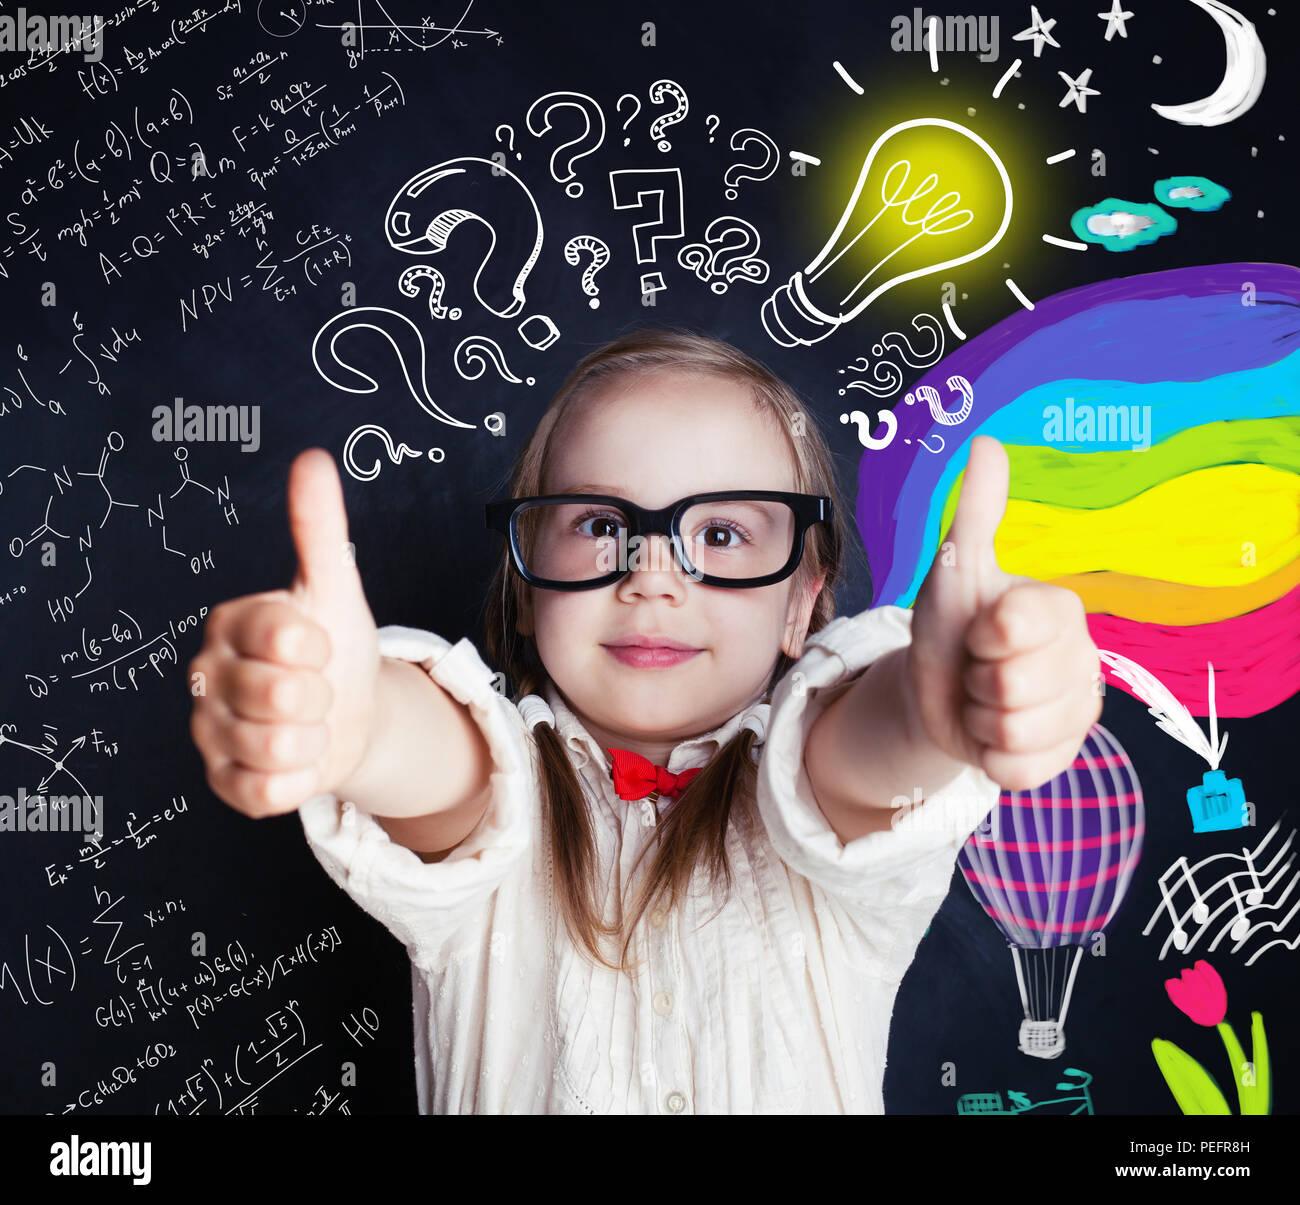 Ideen, Entdeckungen und Kreativität Bildung Konzept mit kleines Genie Mädchen auf der Schule Kreidetafel Hintergrund mit Wissenschaft und Kunst Elemente und lightbul Stockbild